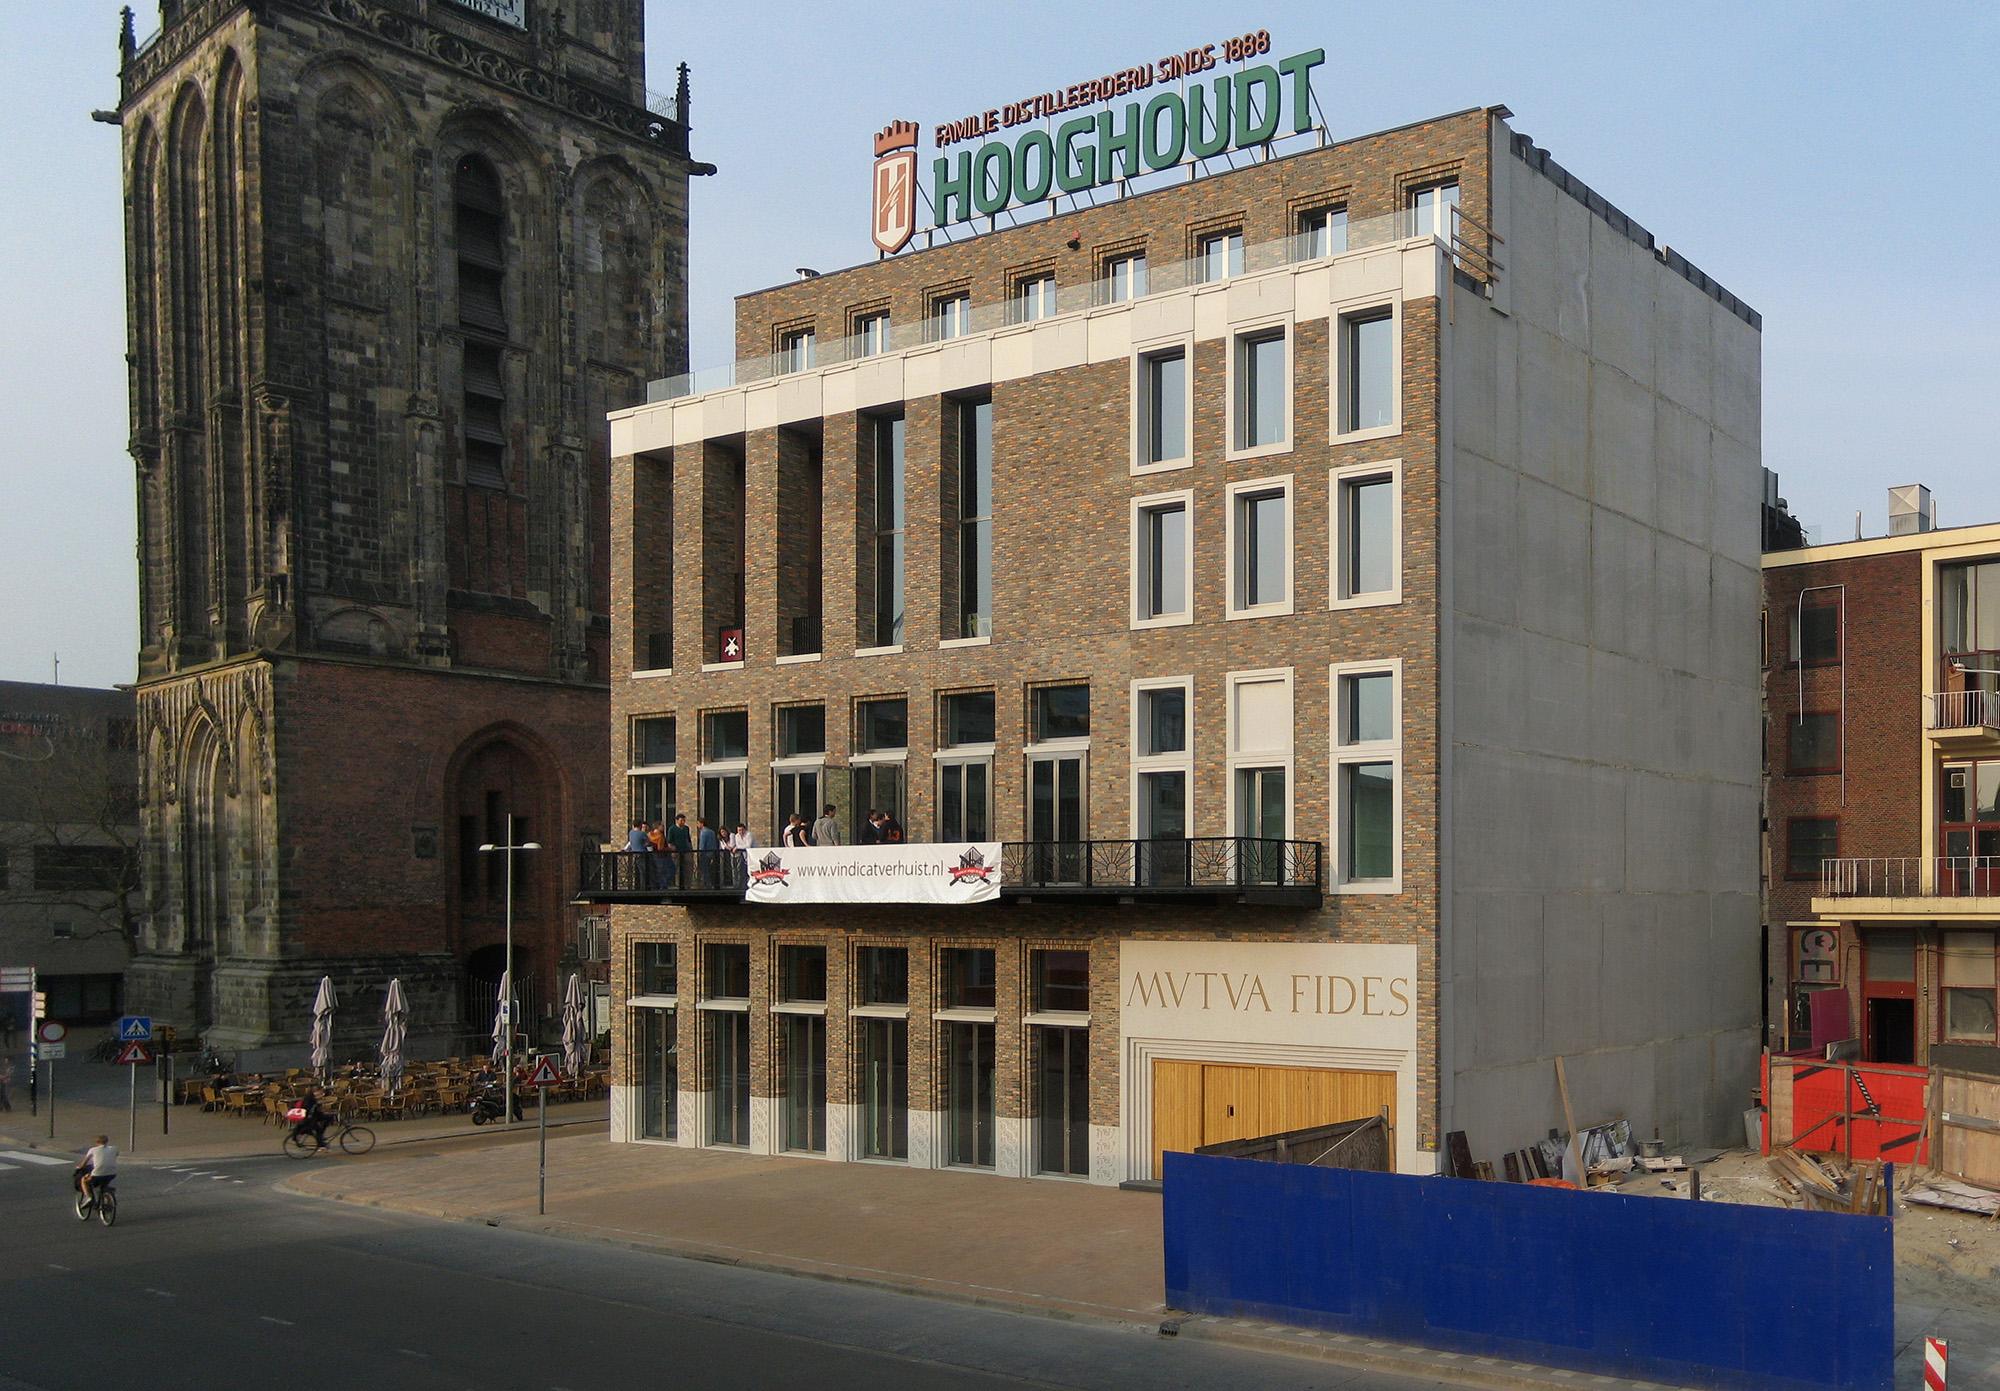 140401_societeit_vindicat_mutua_fides_grote_markt_groningen_nl